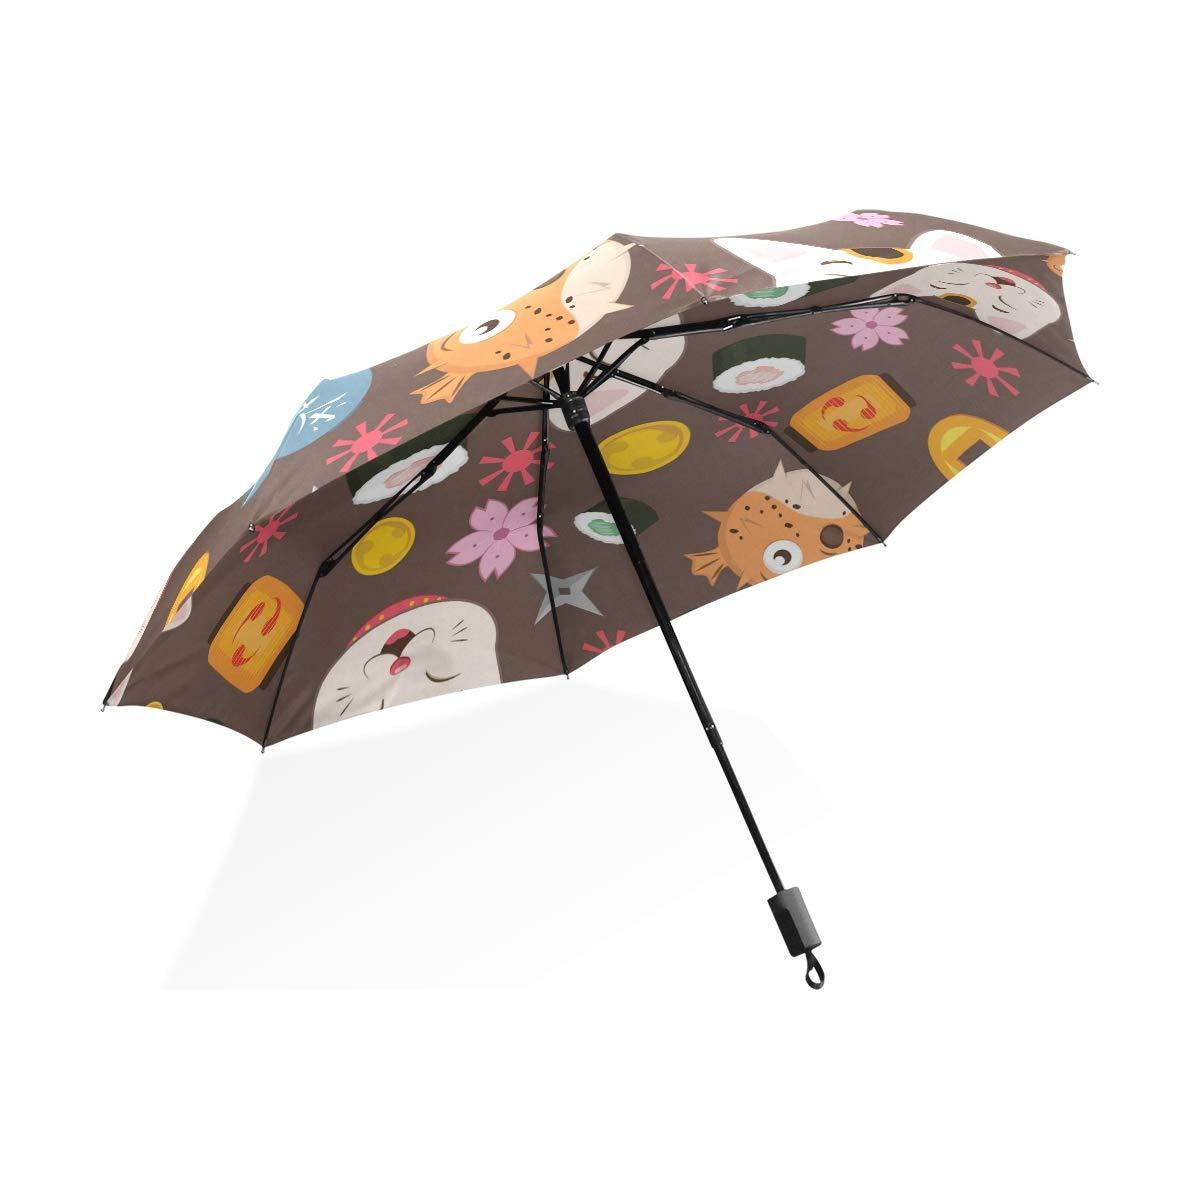 Isaoa Automatique Voyage Parapluie Pliable Compact Parapluie Japonais Elements Coupe-Vent Ultra lé ger Protection UV Parapluie pour Homme ou Femme 001